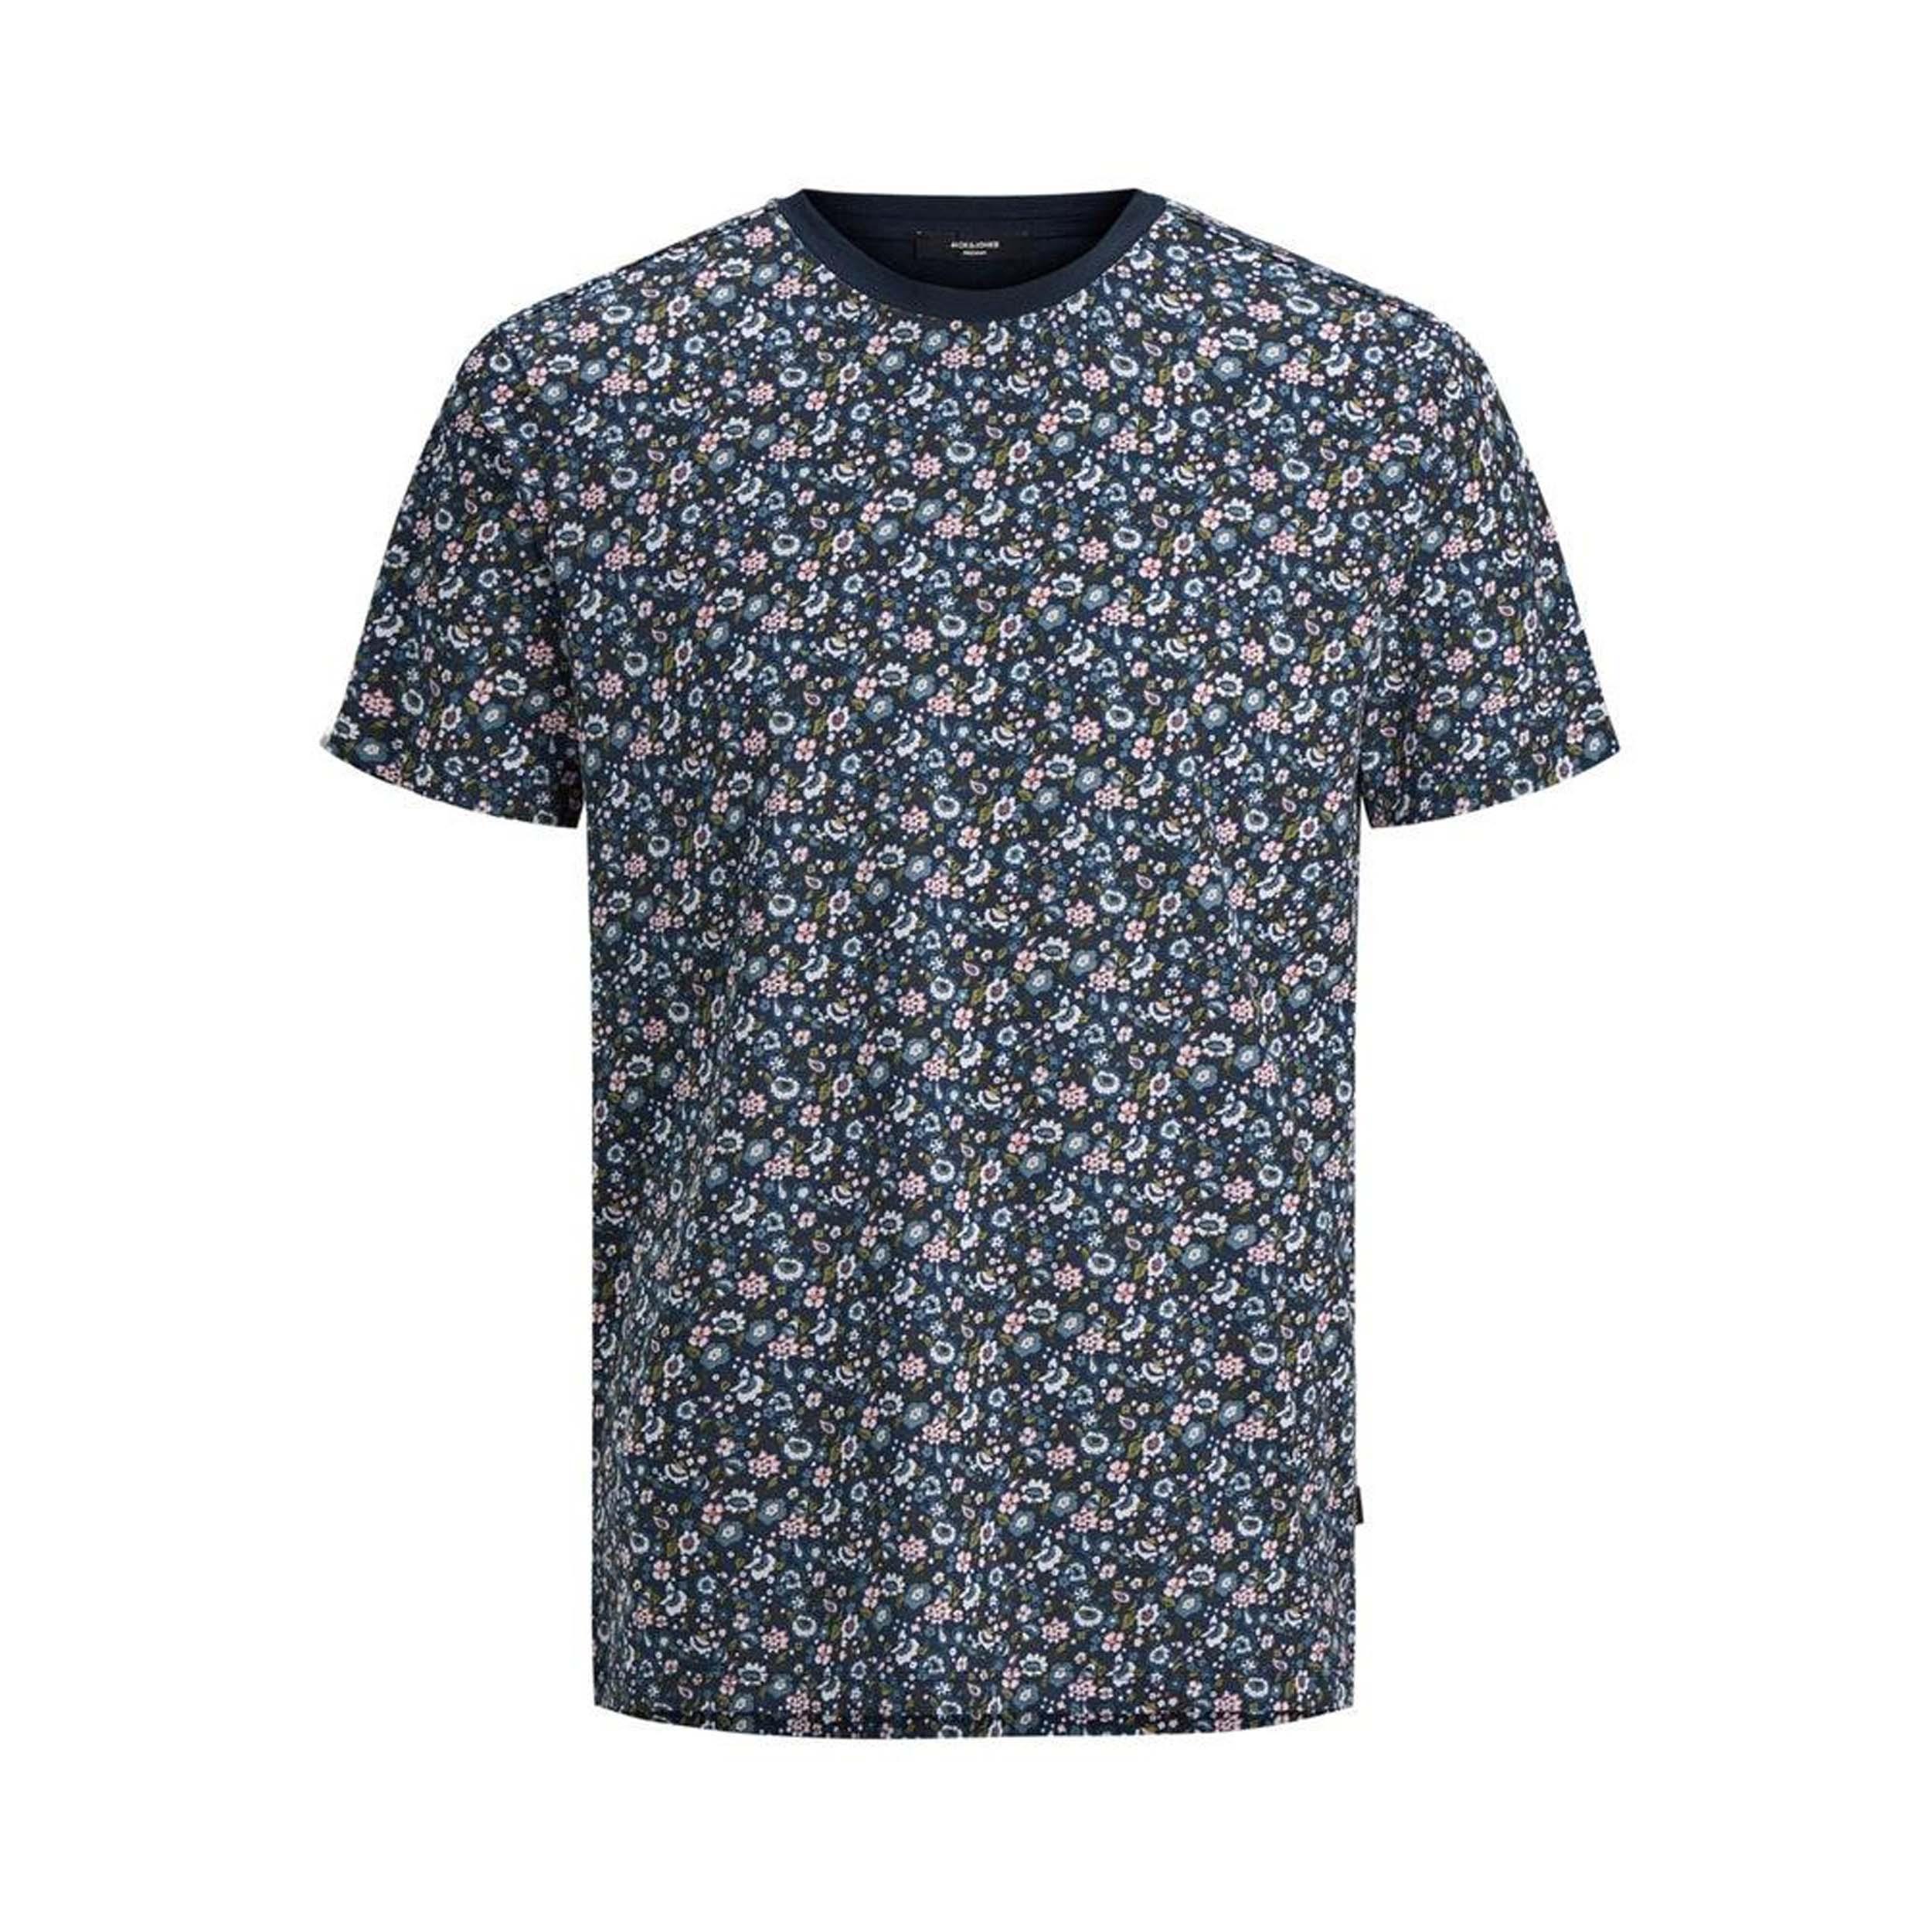 Tee-shirt col rond jack & jones james en coton bleu nuit à motifs fleuris